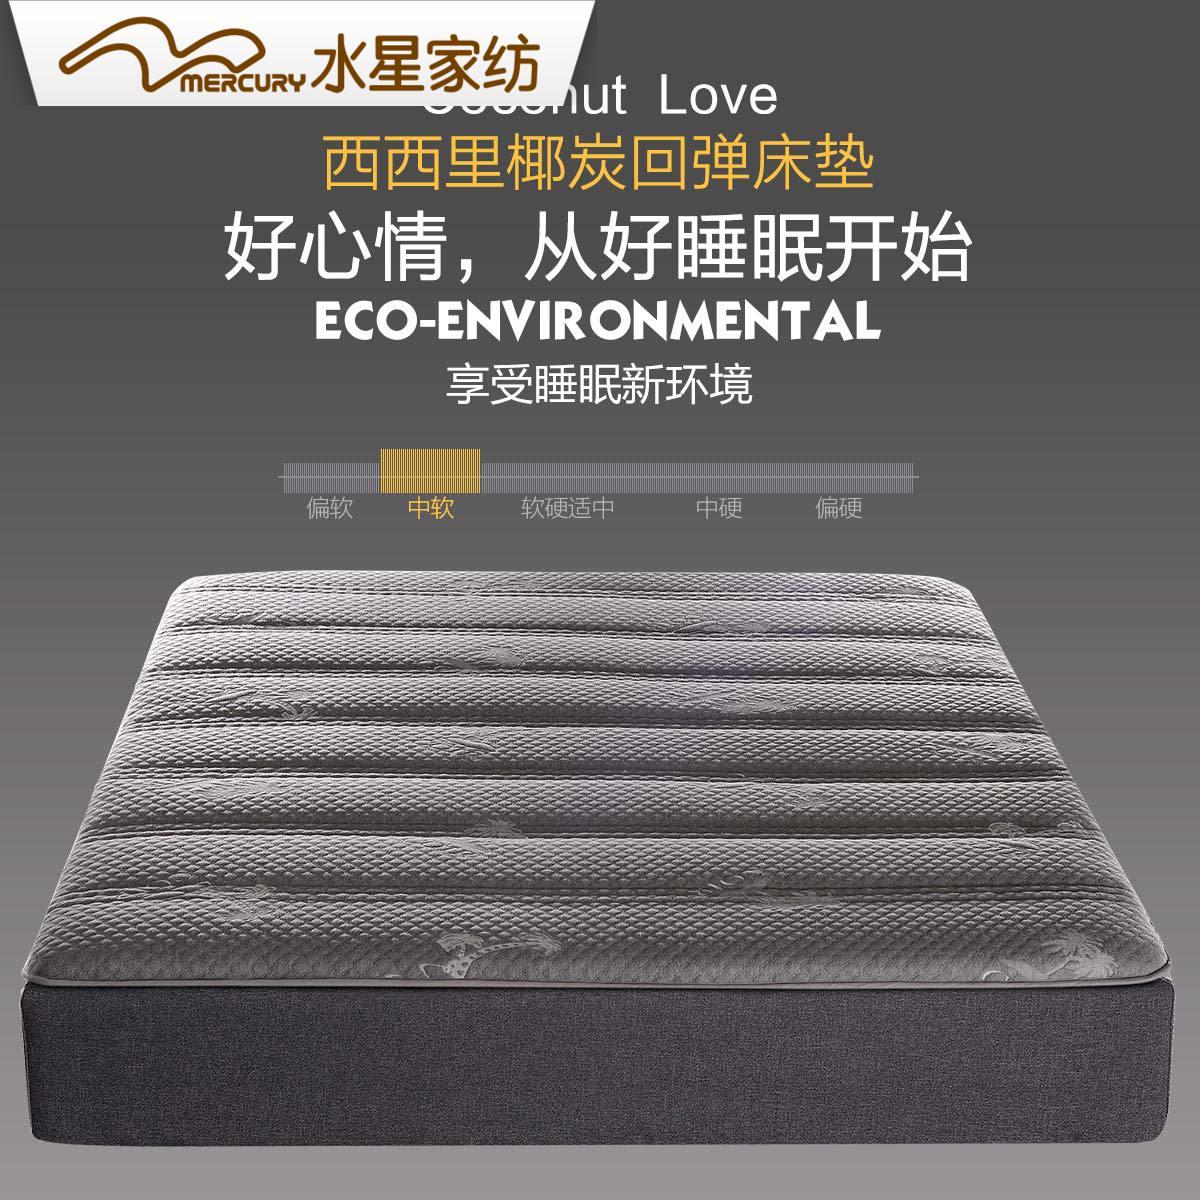 水星家纺榻榻米床垫加厚床褥垫被1.5m 1.8米床西西里椰炭回弹床垫